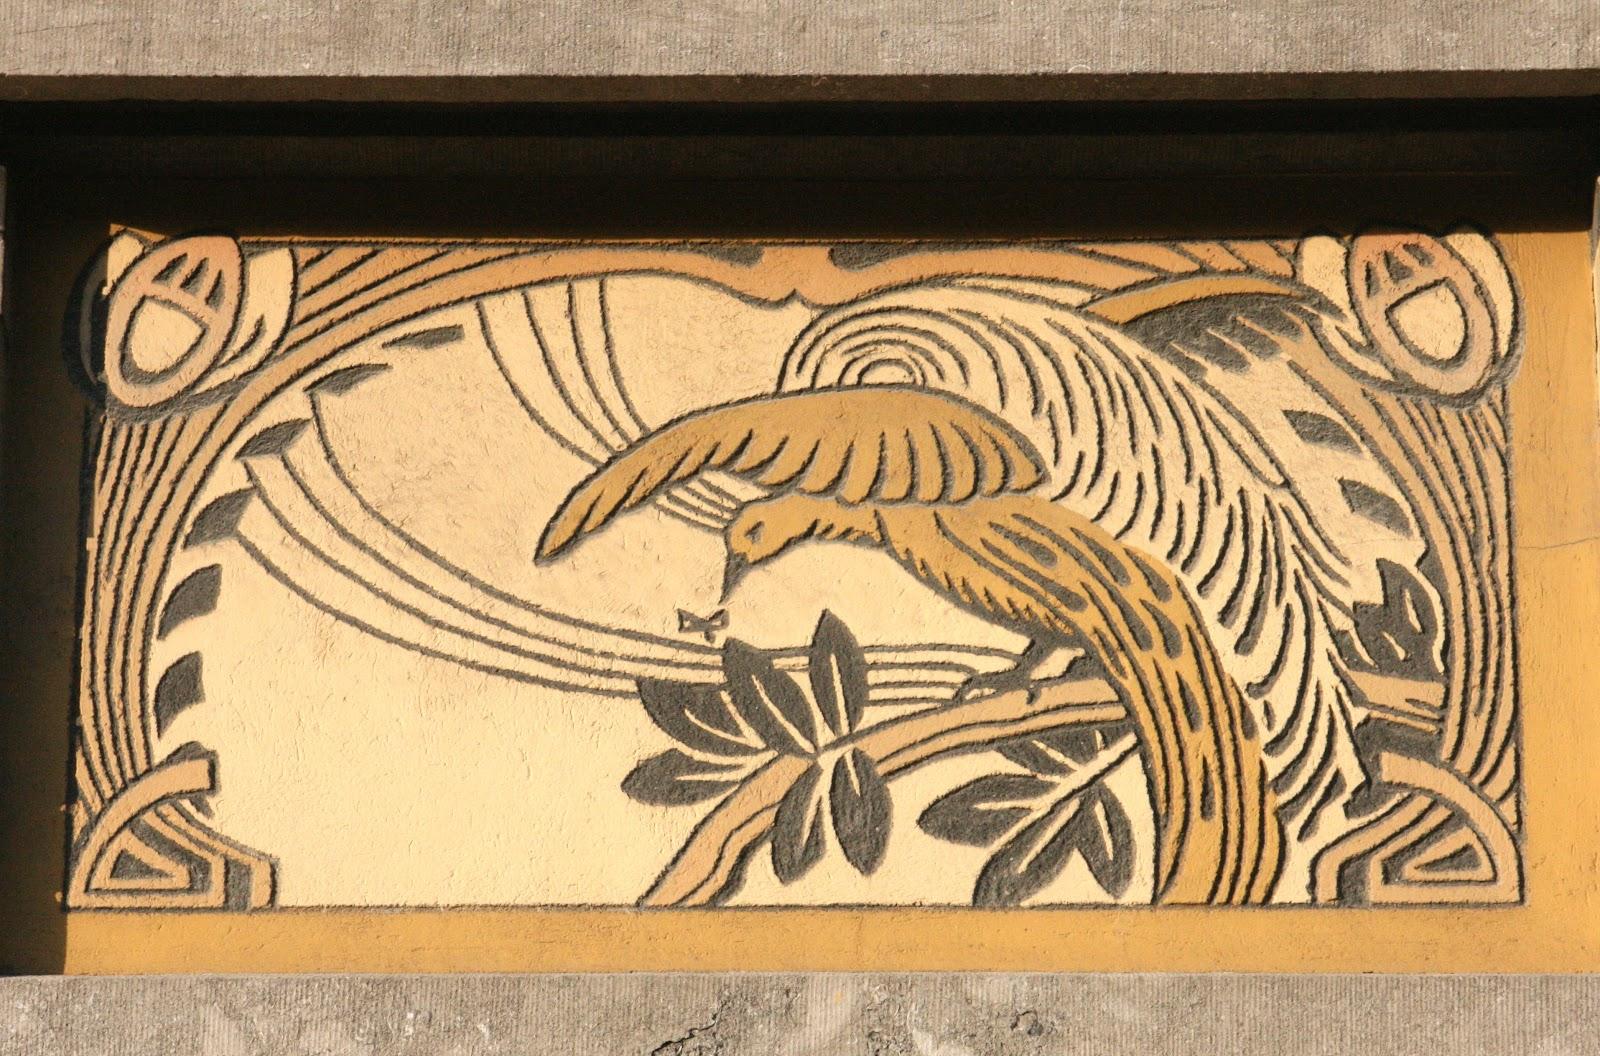 Art nouveau et jugendstil courants artistiques et litt raires de 1880 1920 sgraffites - Le roi du matelas tourcoing ...